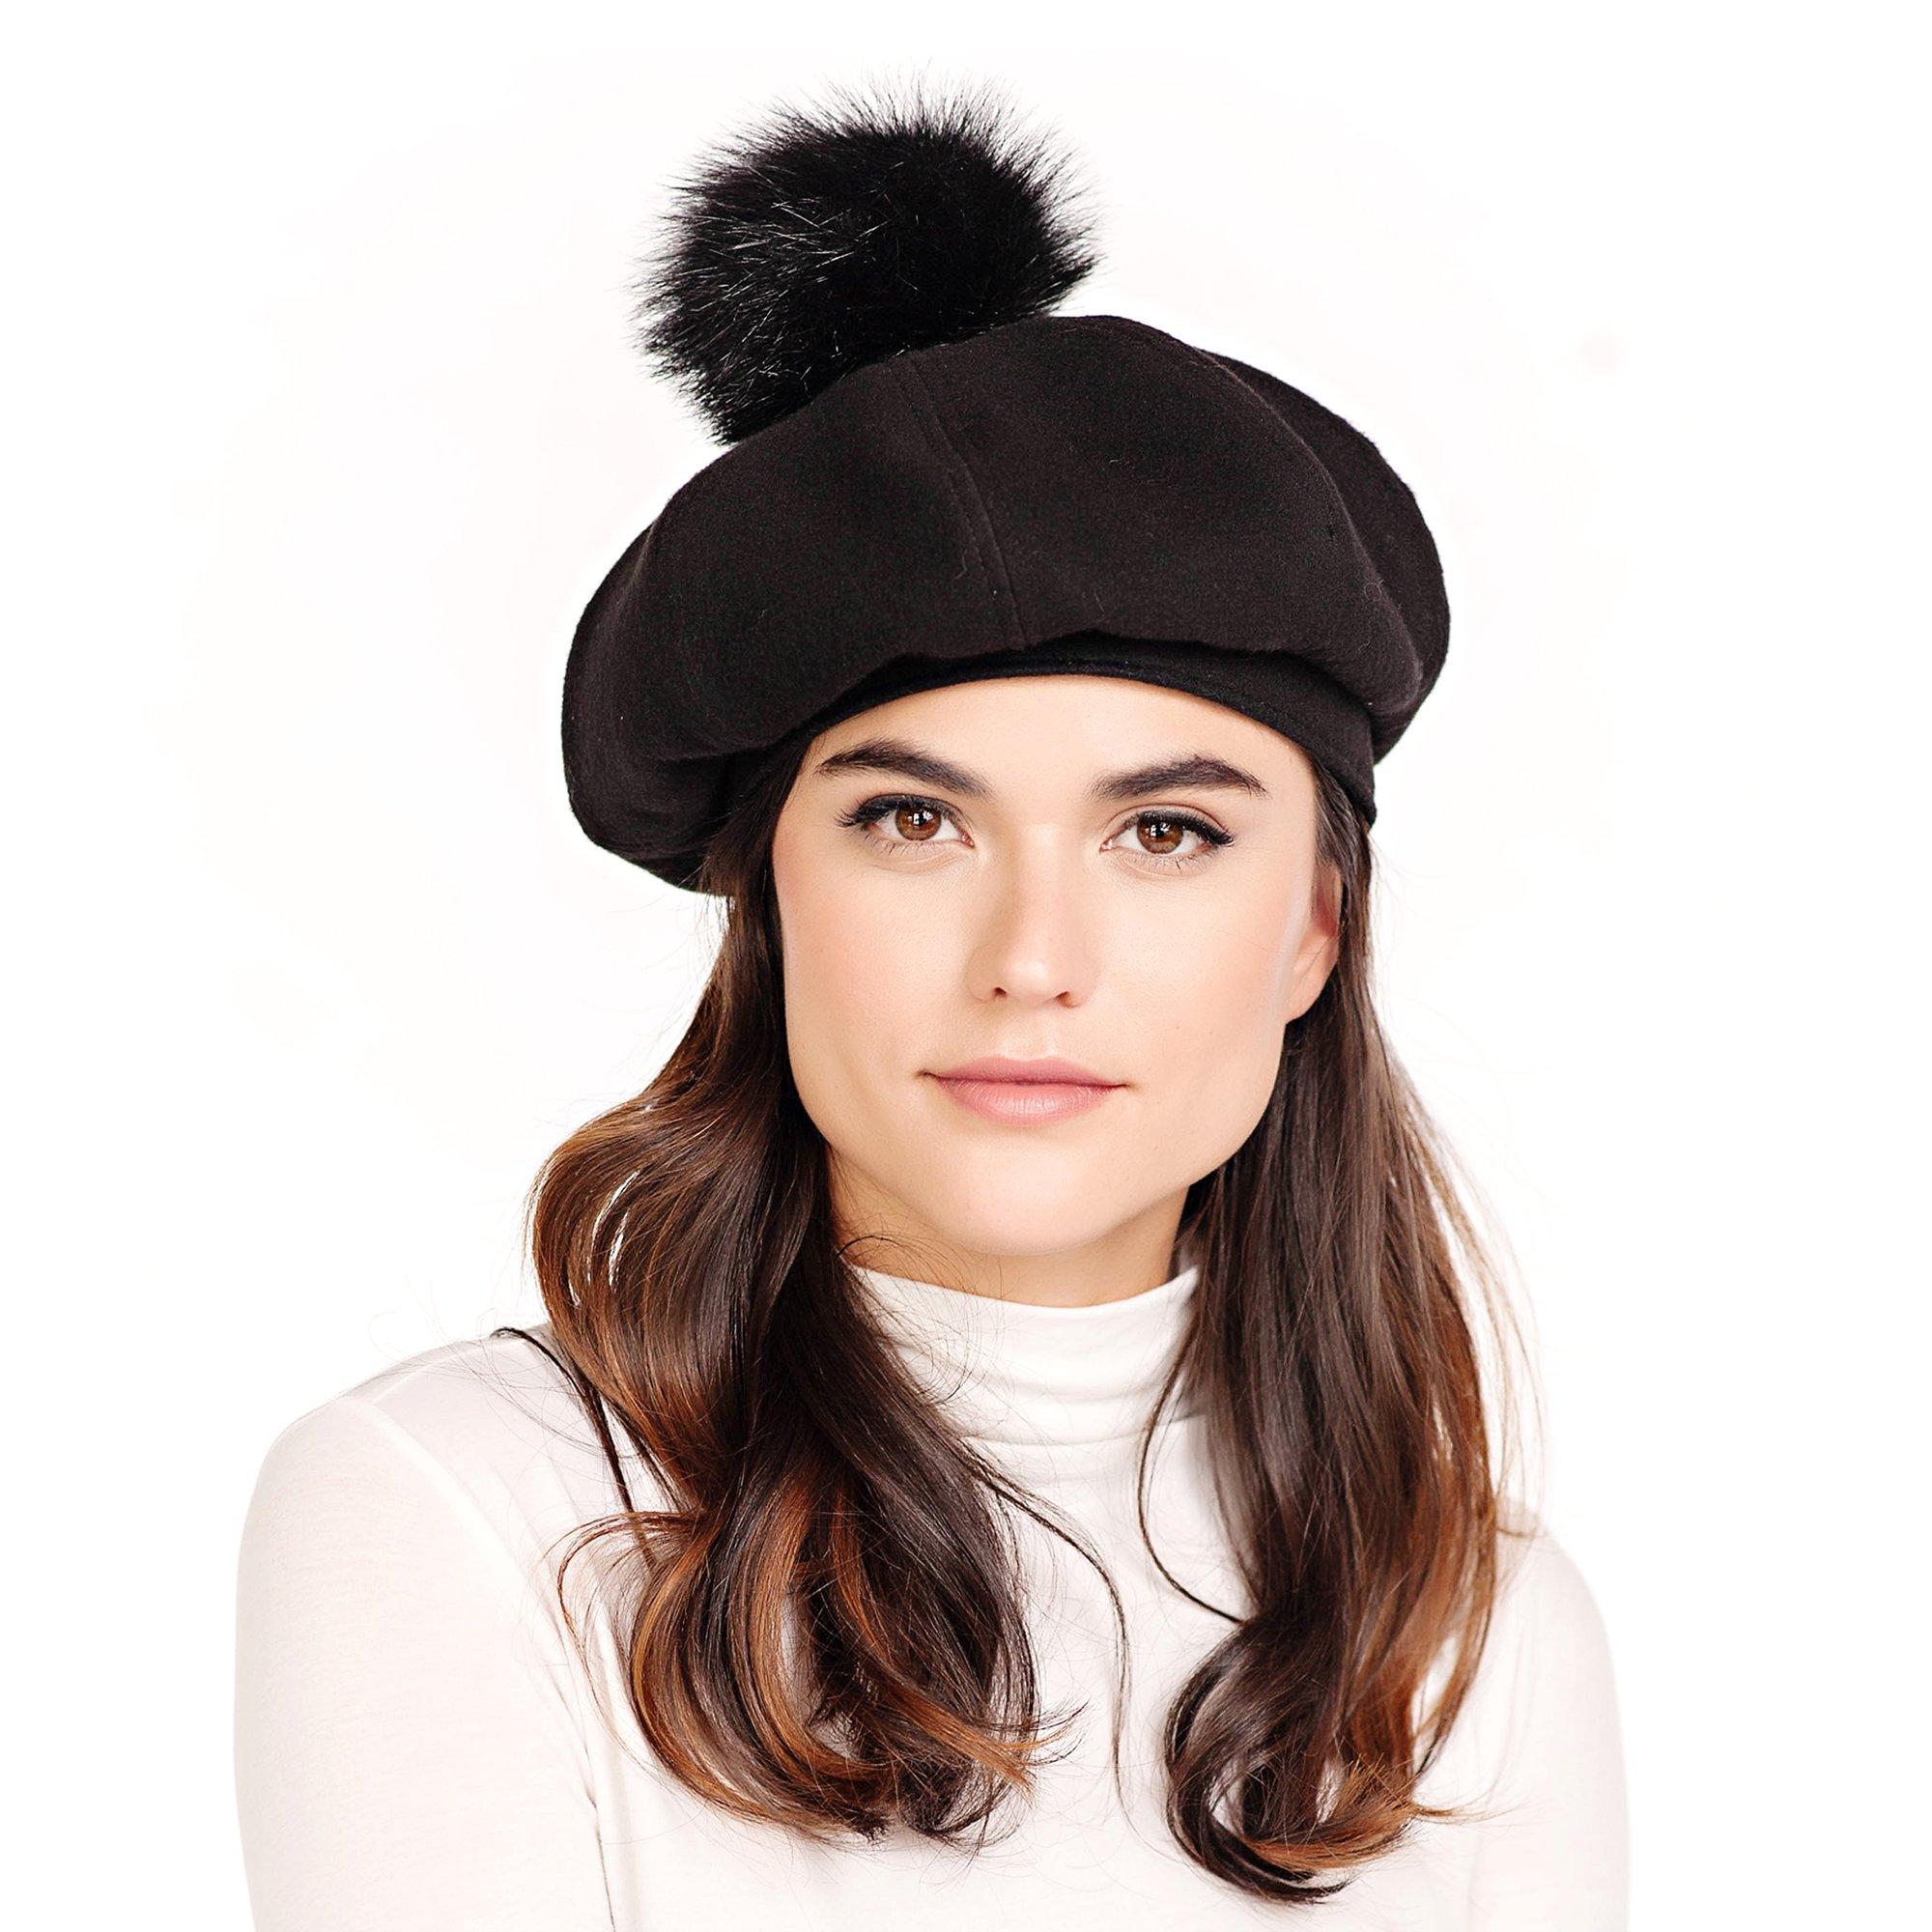 Donna Salyers' Fabulous-Furs Black Faux Fur Pom Beret